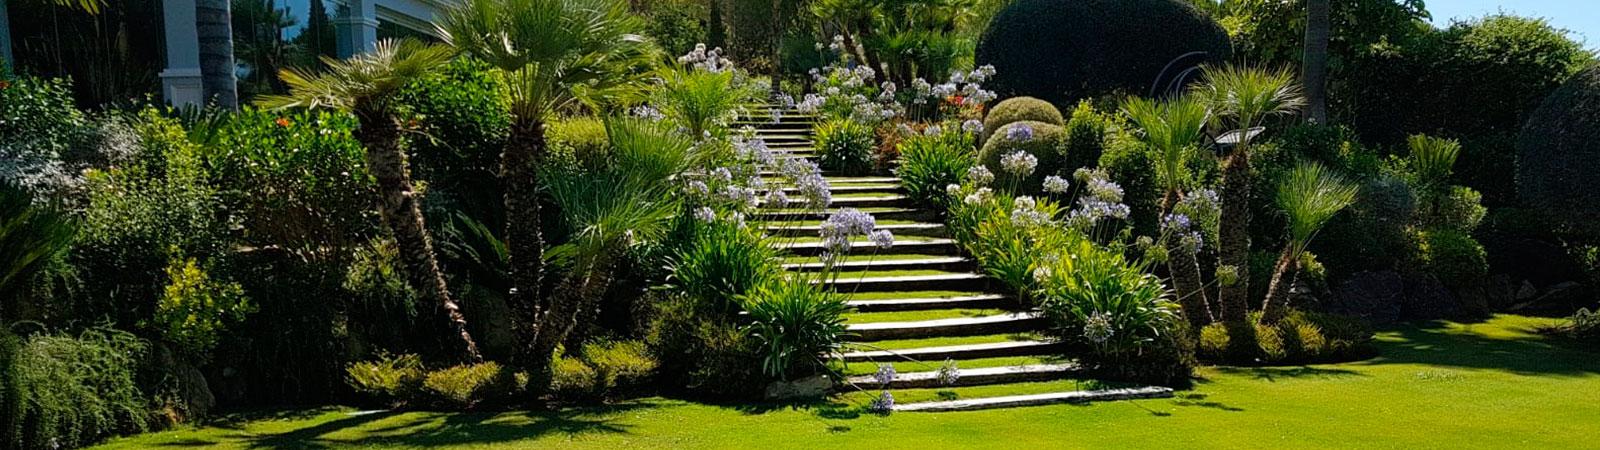 Jardín con plantas nuevas